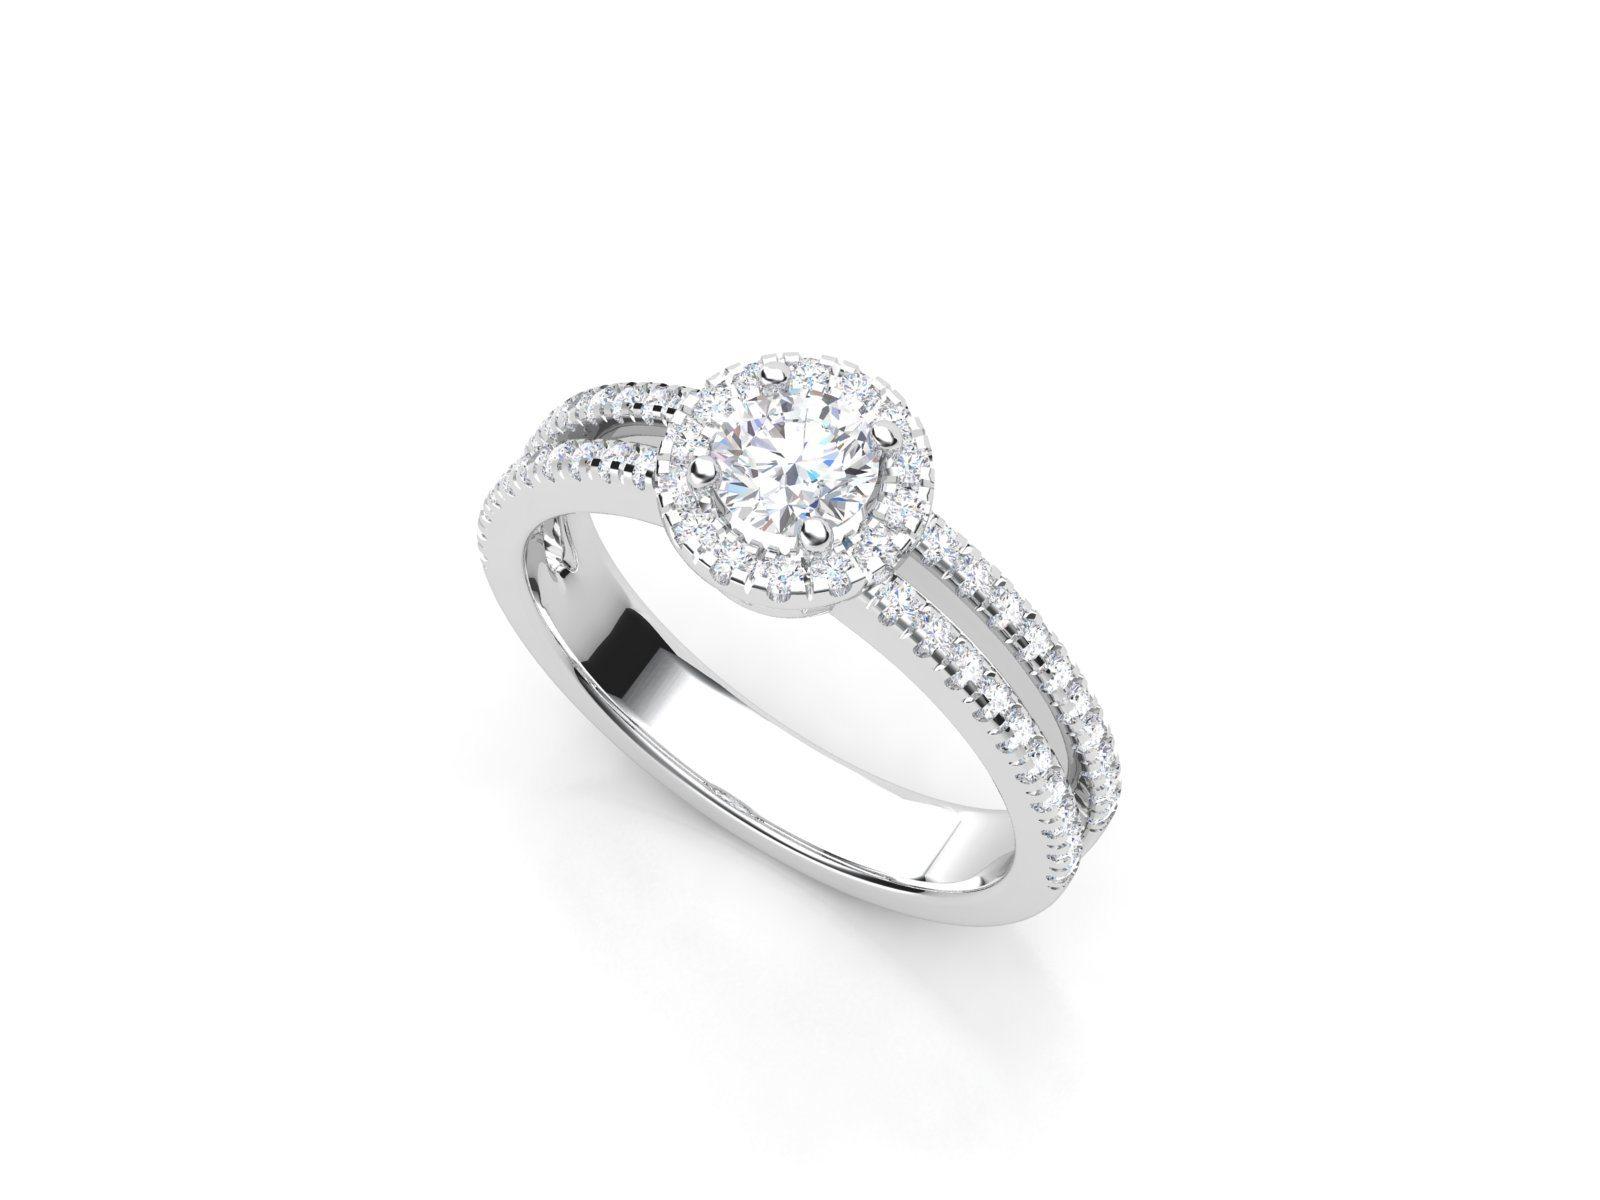 טבעת אירוסין זהב לבן האלו דאבל פאווה רוייל